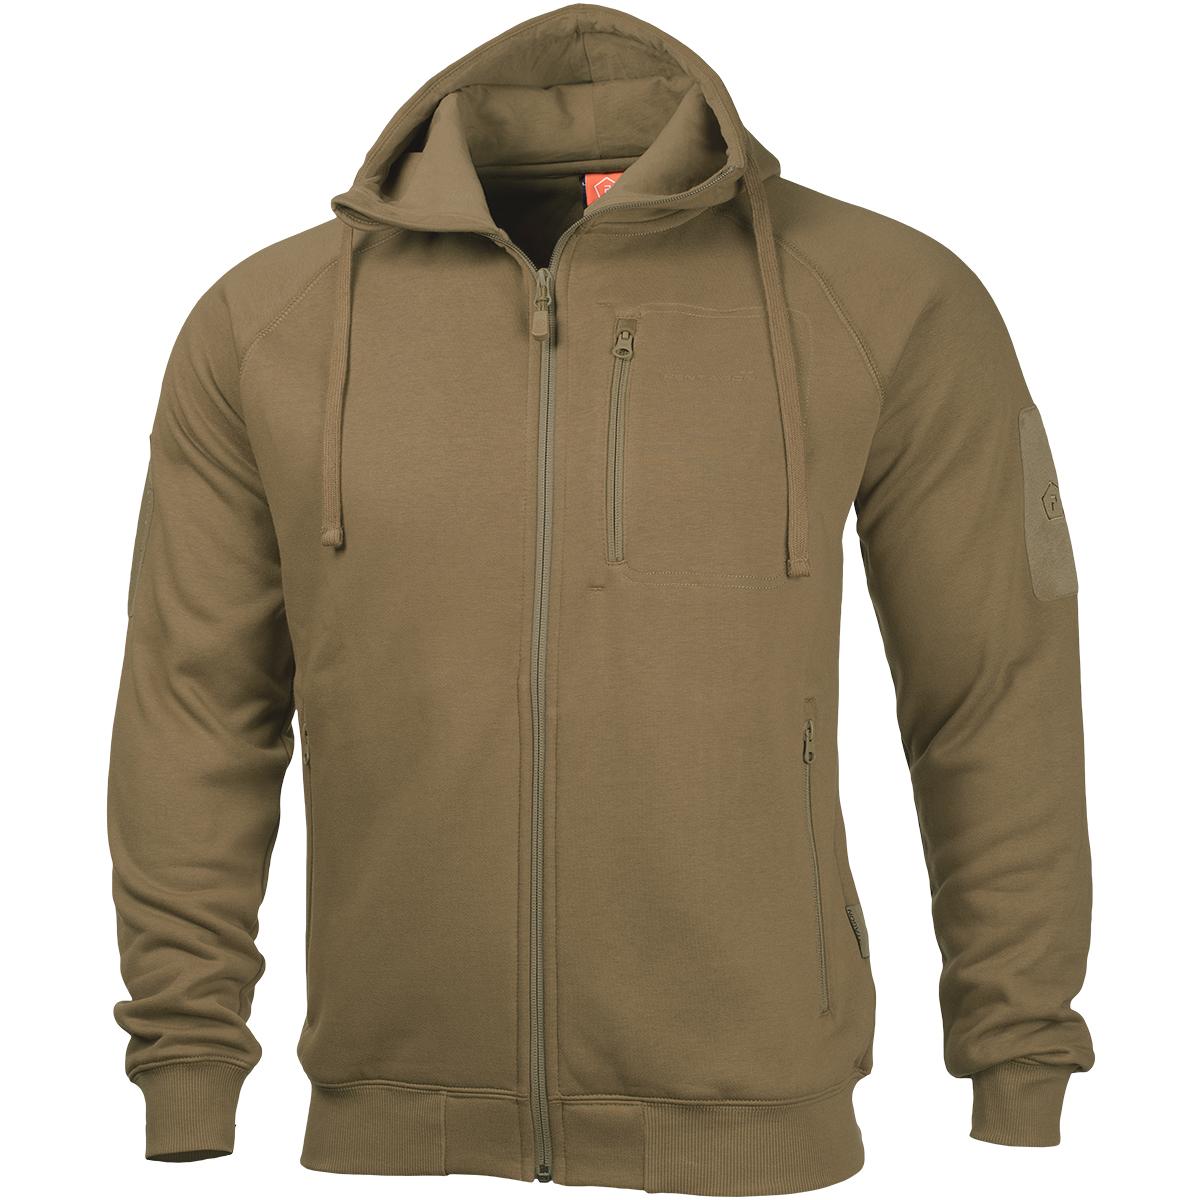 pentagon leonidas 2 0 sweater warm mens travel hoodie army patrol jacket coyote ebay On travel hoodie